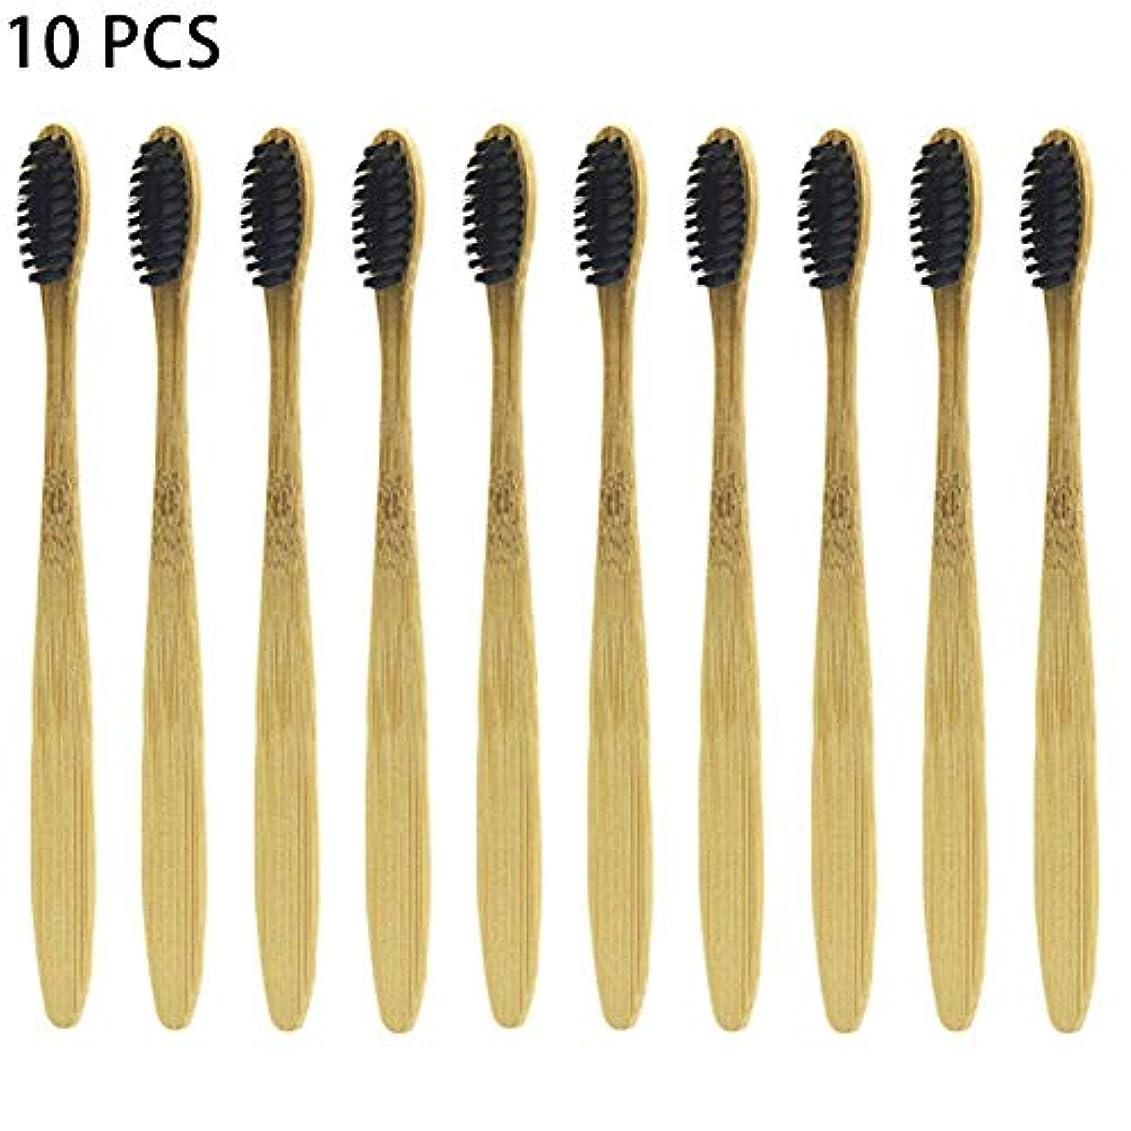 群がる清めるクラフトsnowflake 歯ブラシ 10 PCS 竹歯ブラシ やわらかめ 超コンパクト 環境に優しい ソフトブレスト 清潔 軽量 携帯便利 旅行出張に最適 家族用 密度が多い 黒、カーキ 18 cm(ブラック) first-rate